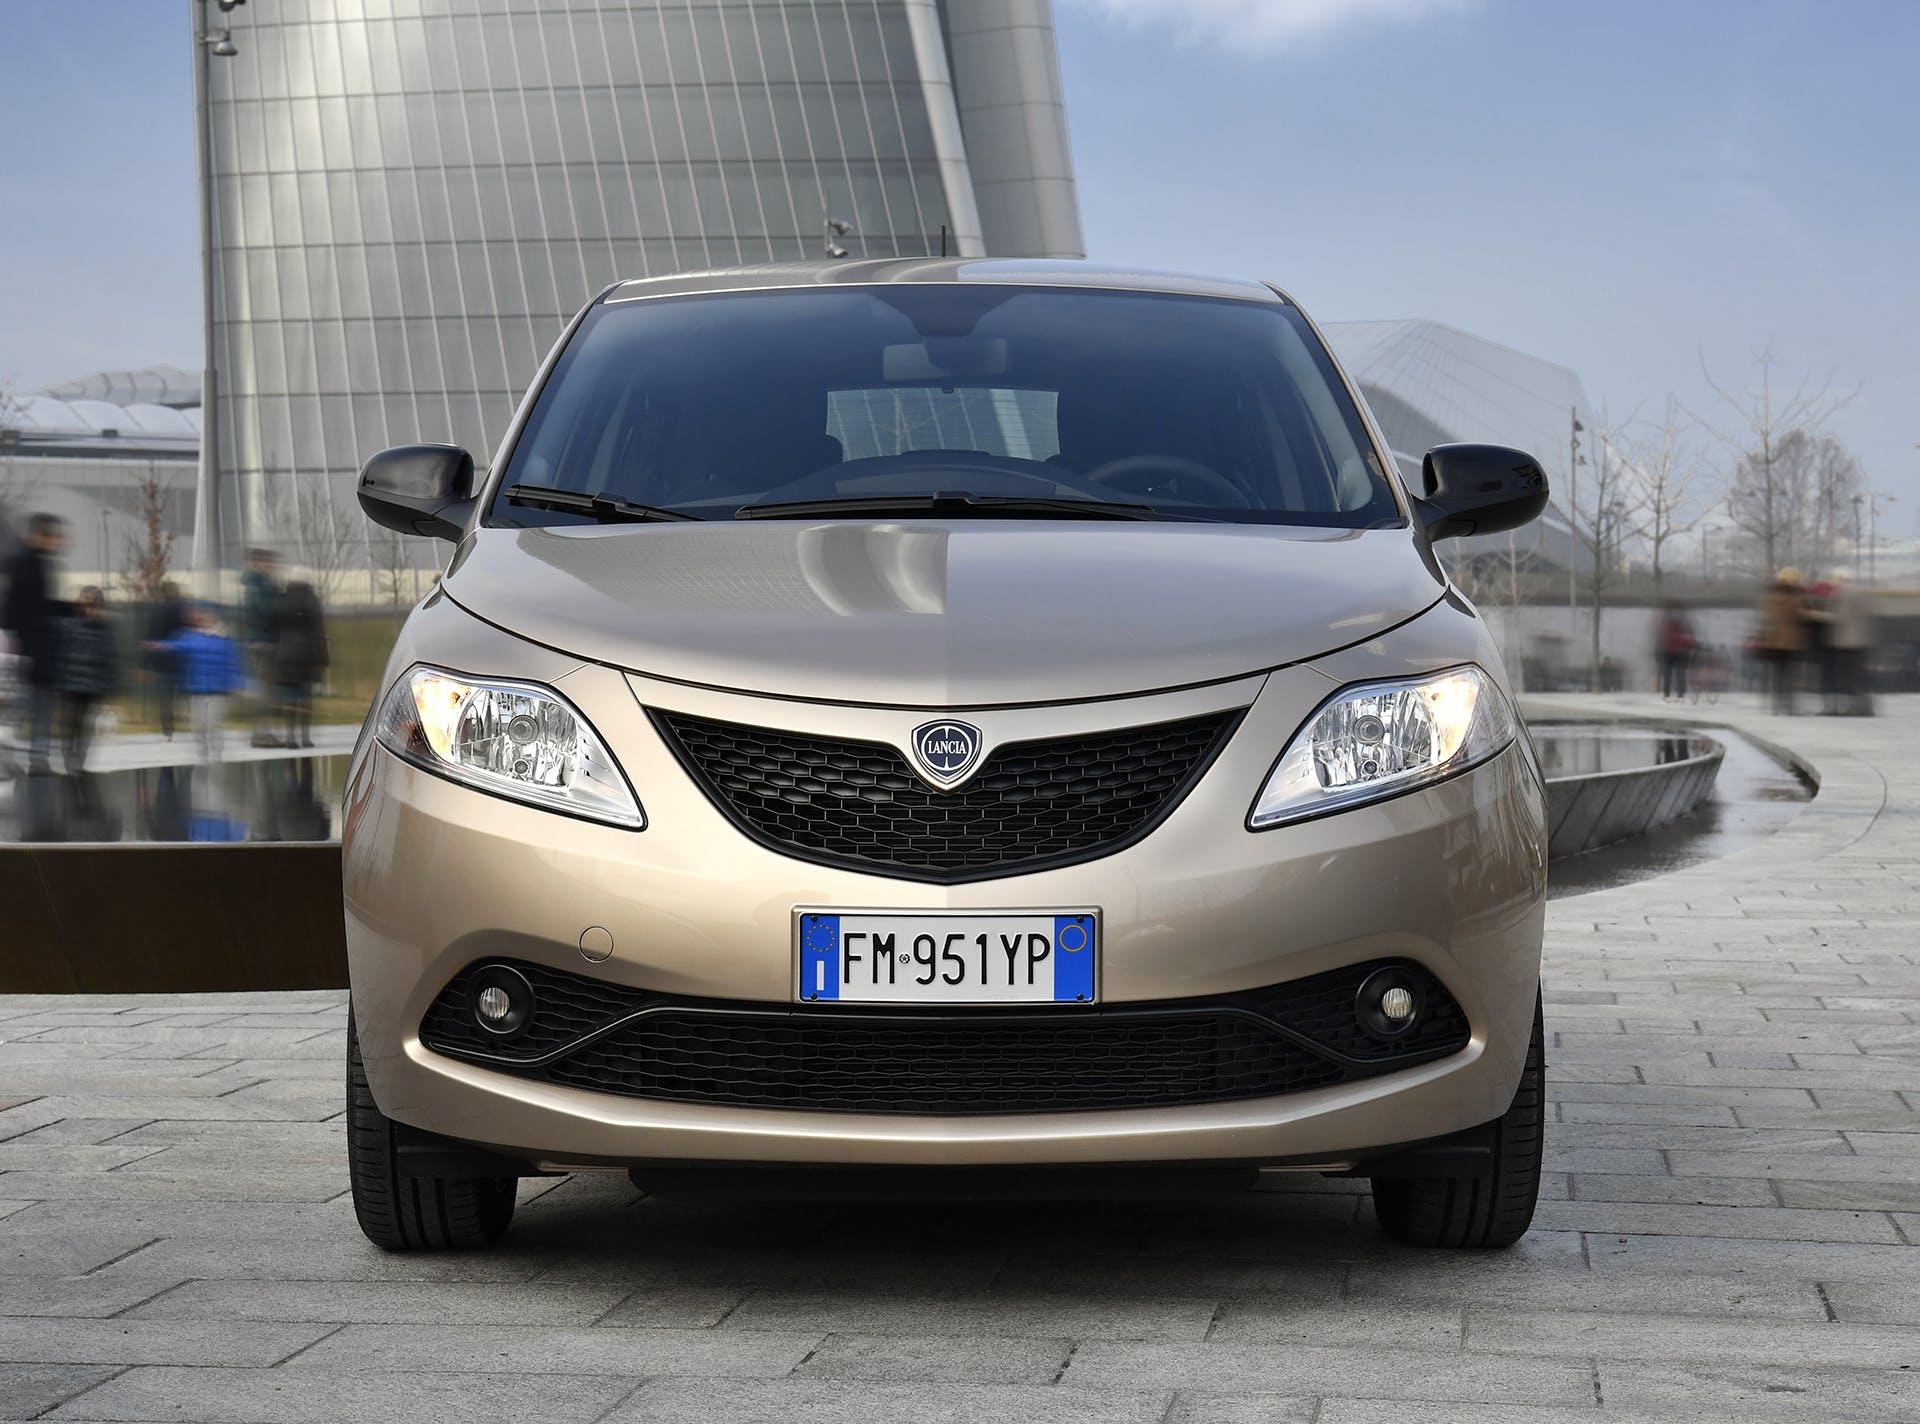 Lancia Ypsilon Gold frontale